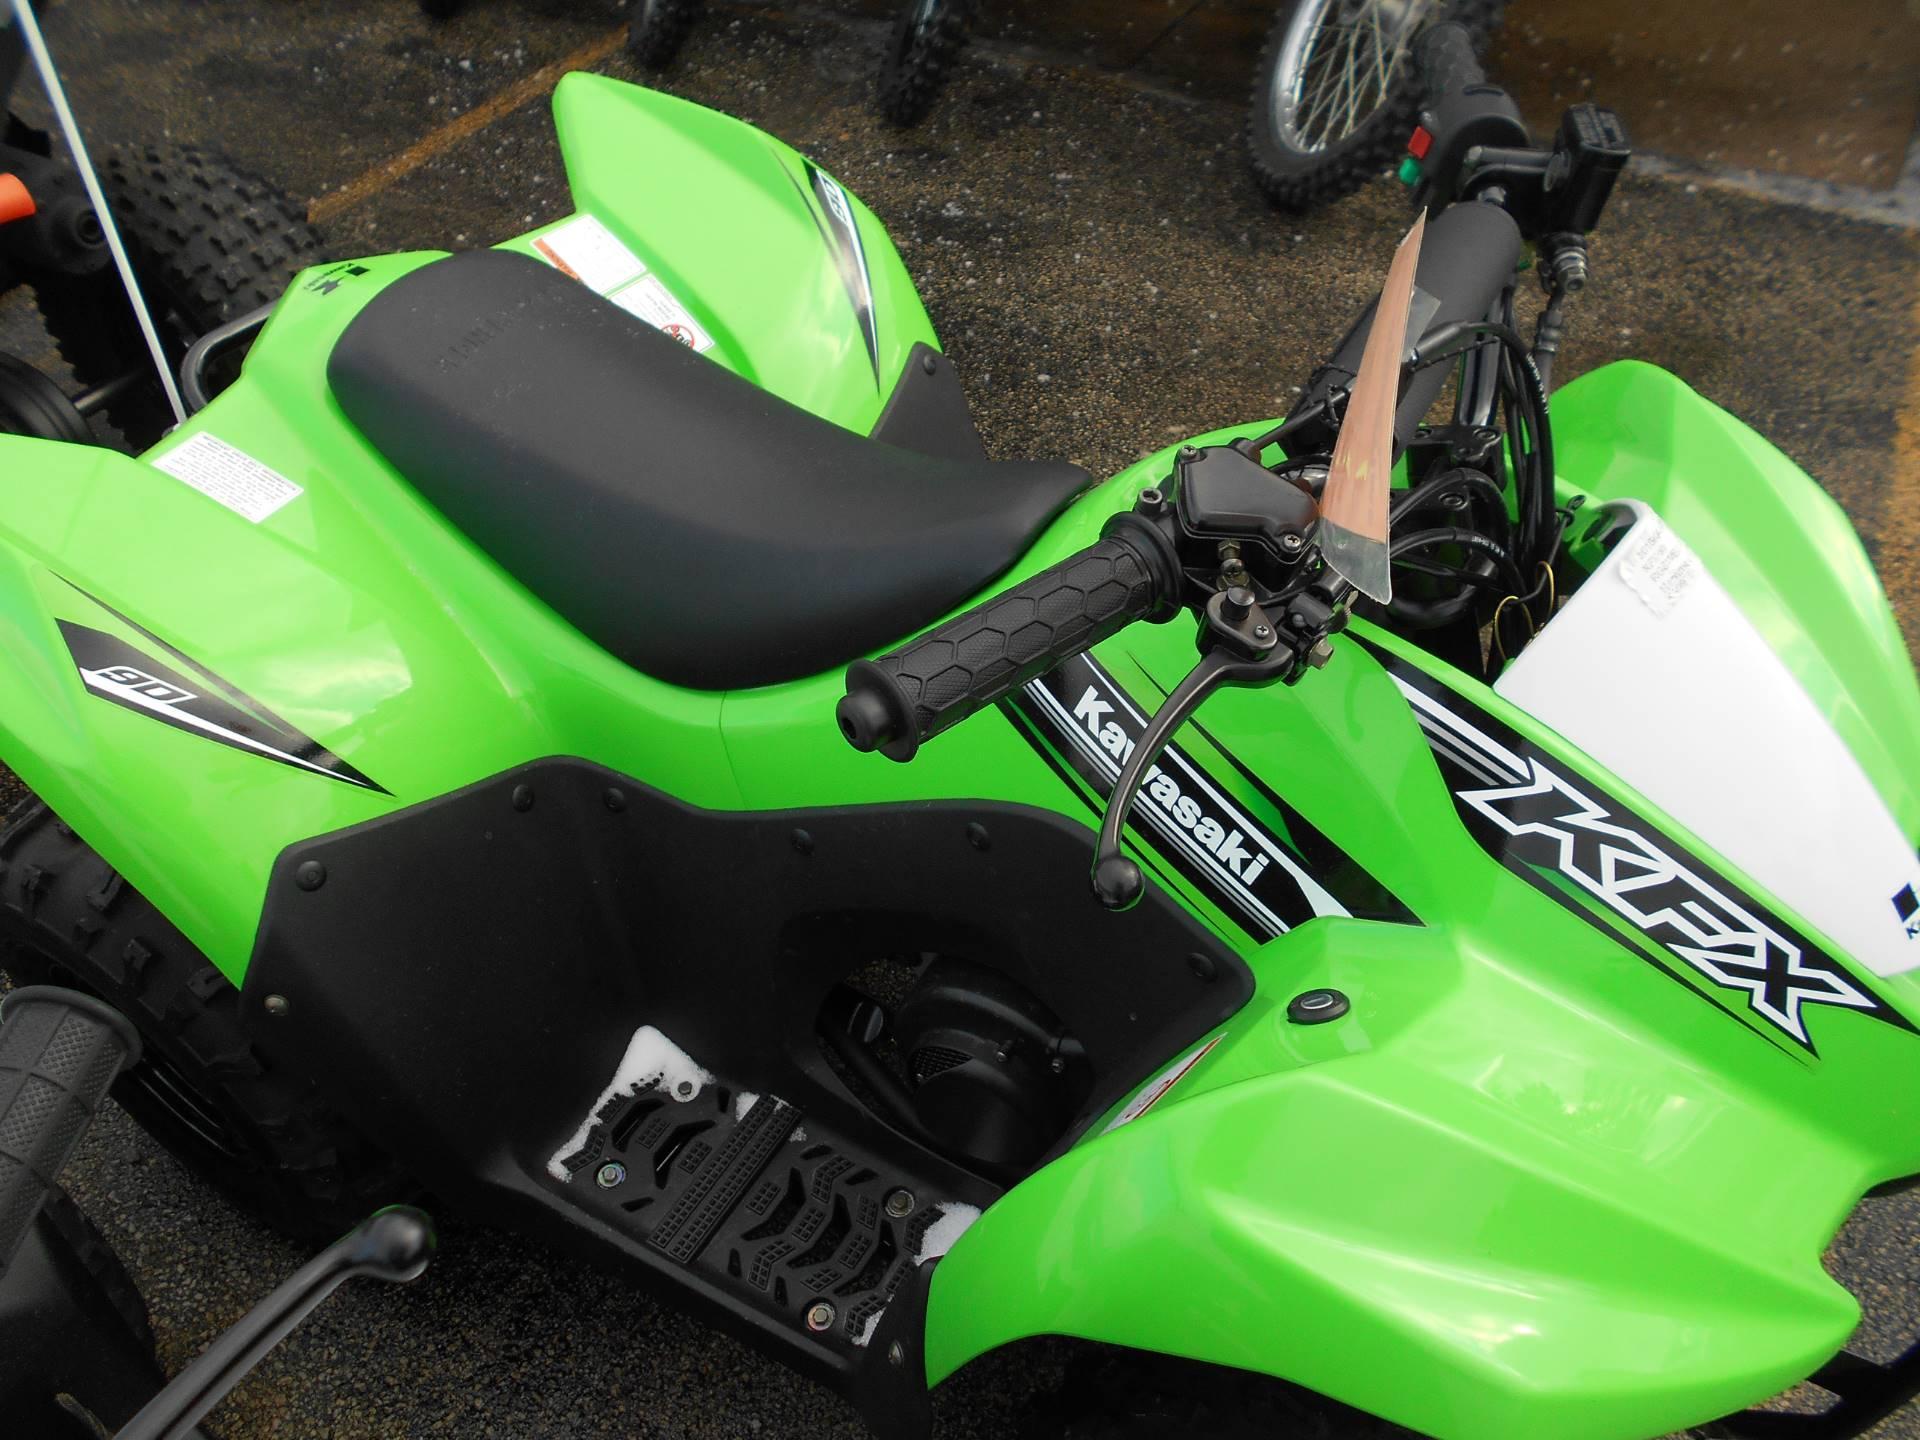 2016 Kawasaki KFX90 5